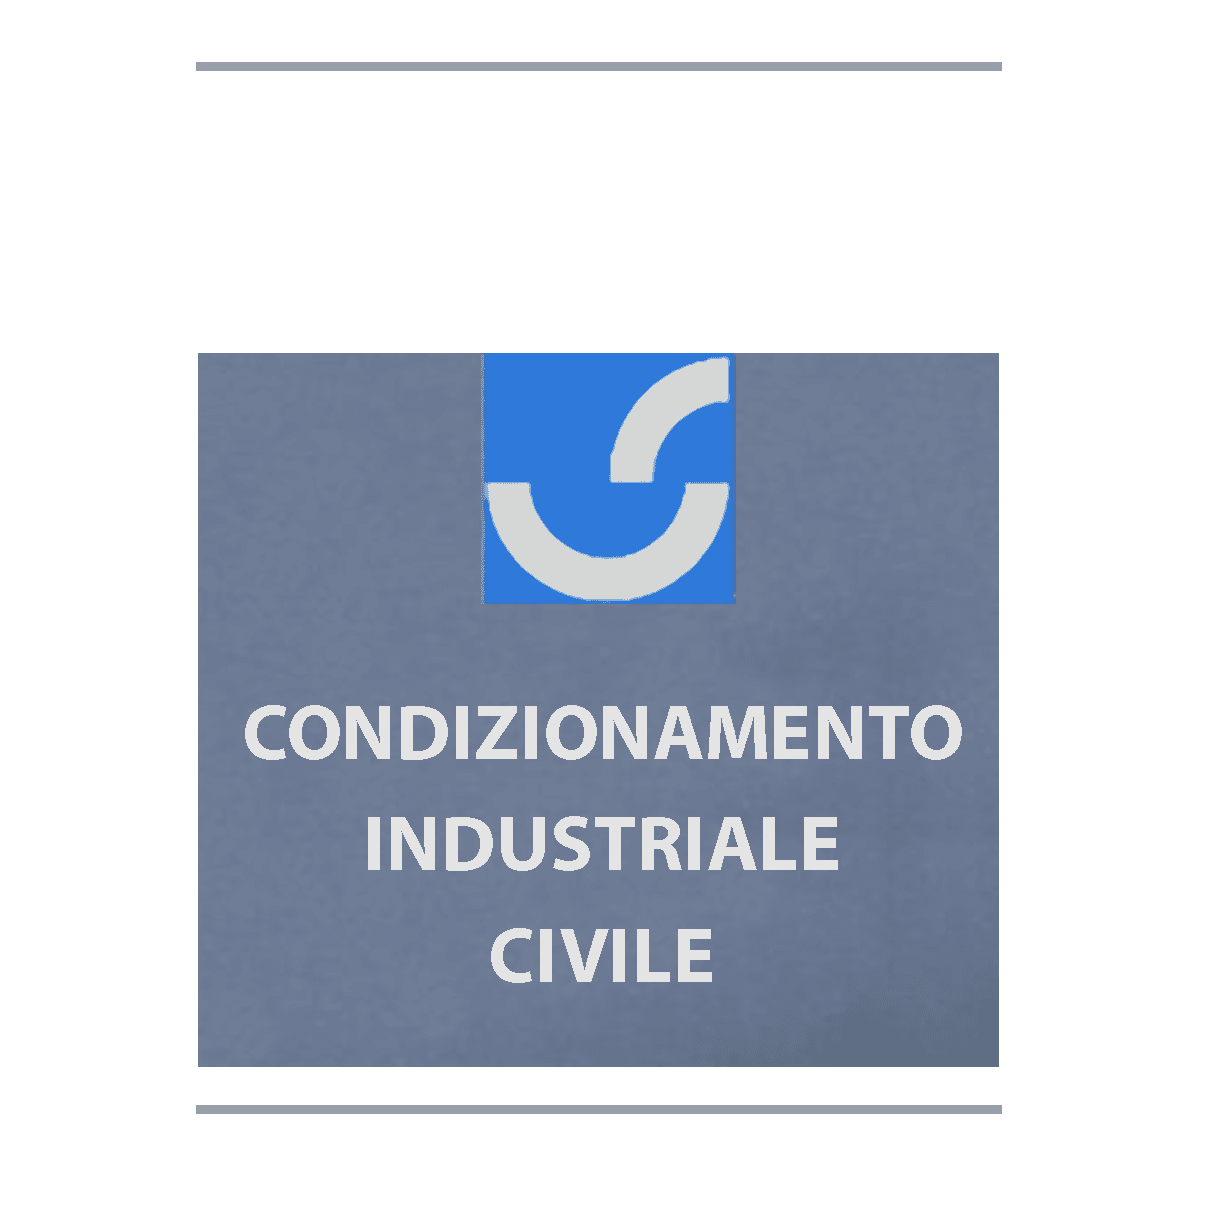 impianti condizionamento Scalvini - Logo